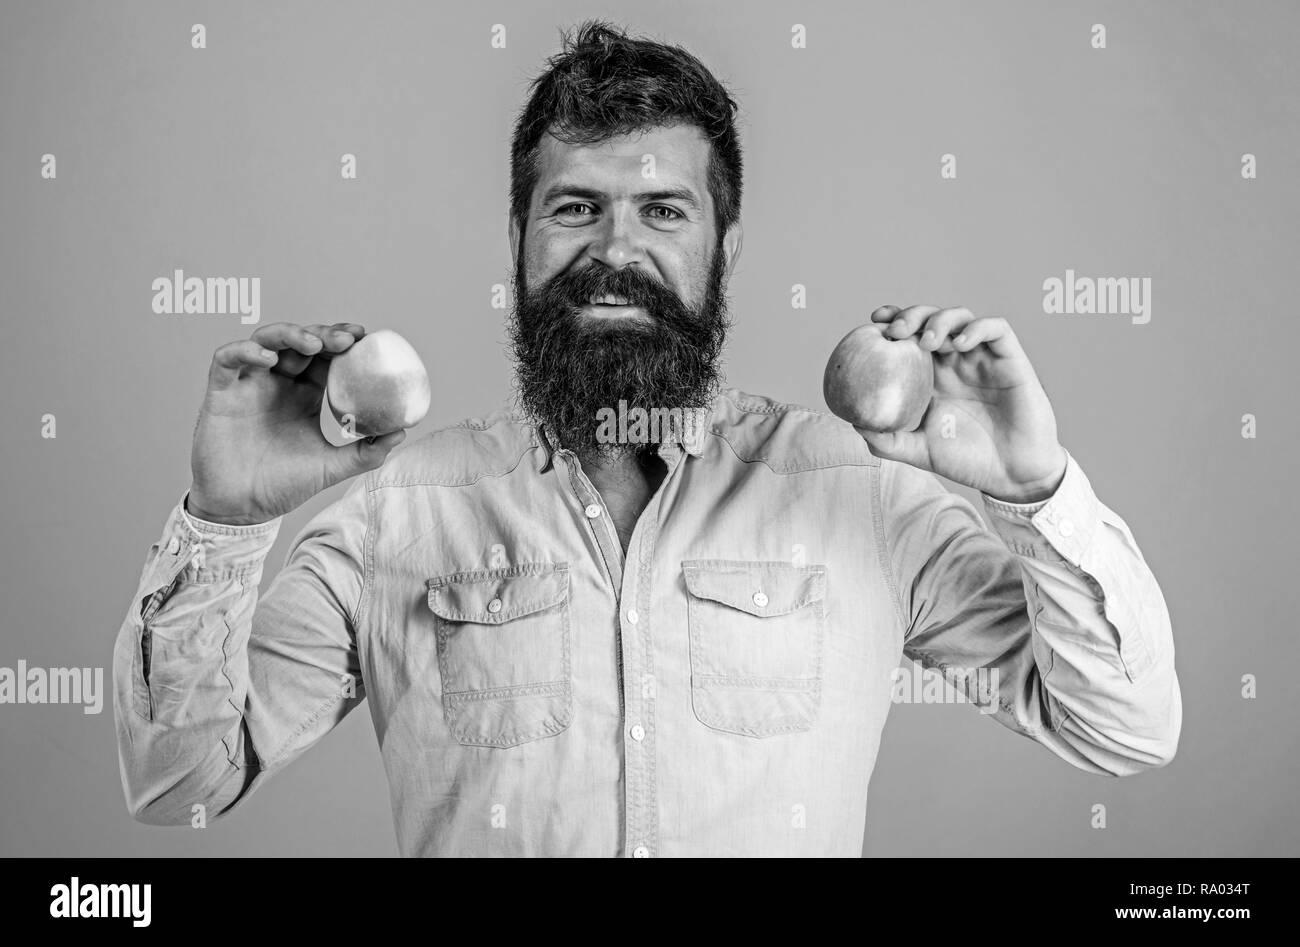 Choix nutritionnels. Homme avec barbe hipster tenir pomme fruit dans la main. La nutrition et la santé. Les pommes fruits type populaire dans le monde. Antioxydant pommes composés responsables des avantages pour la santé. Photo Stock